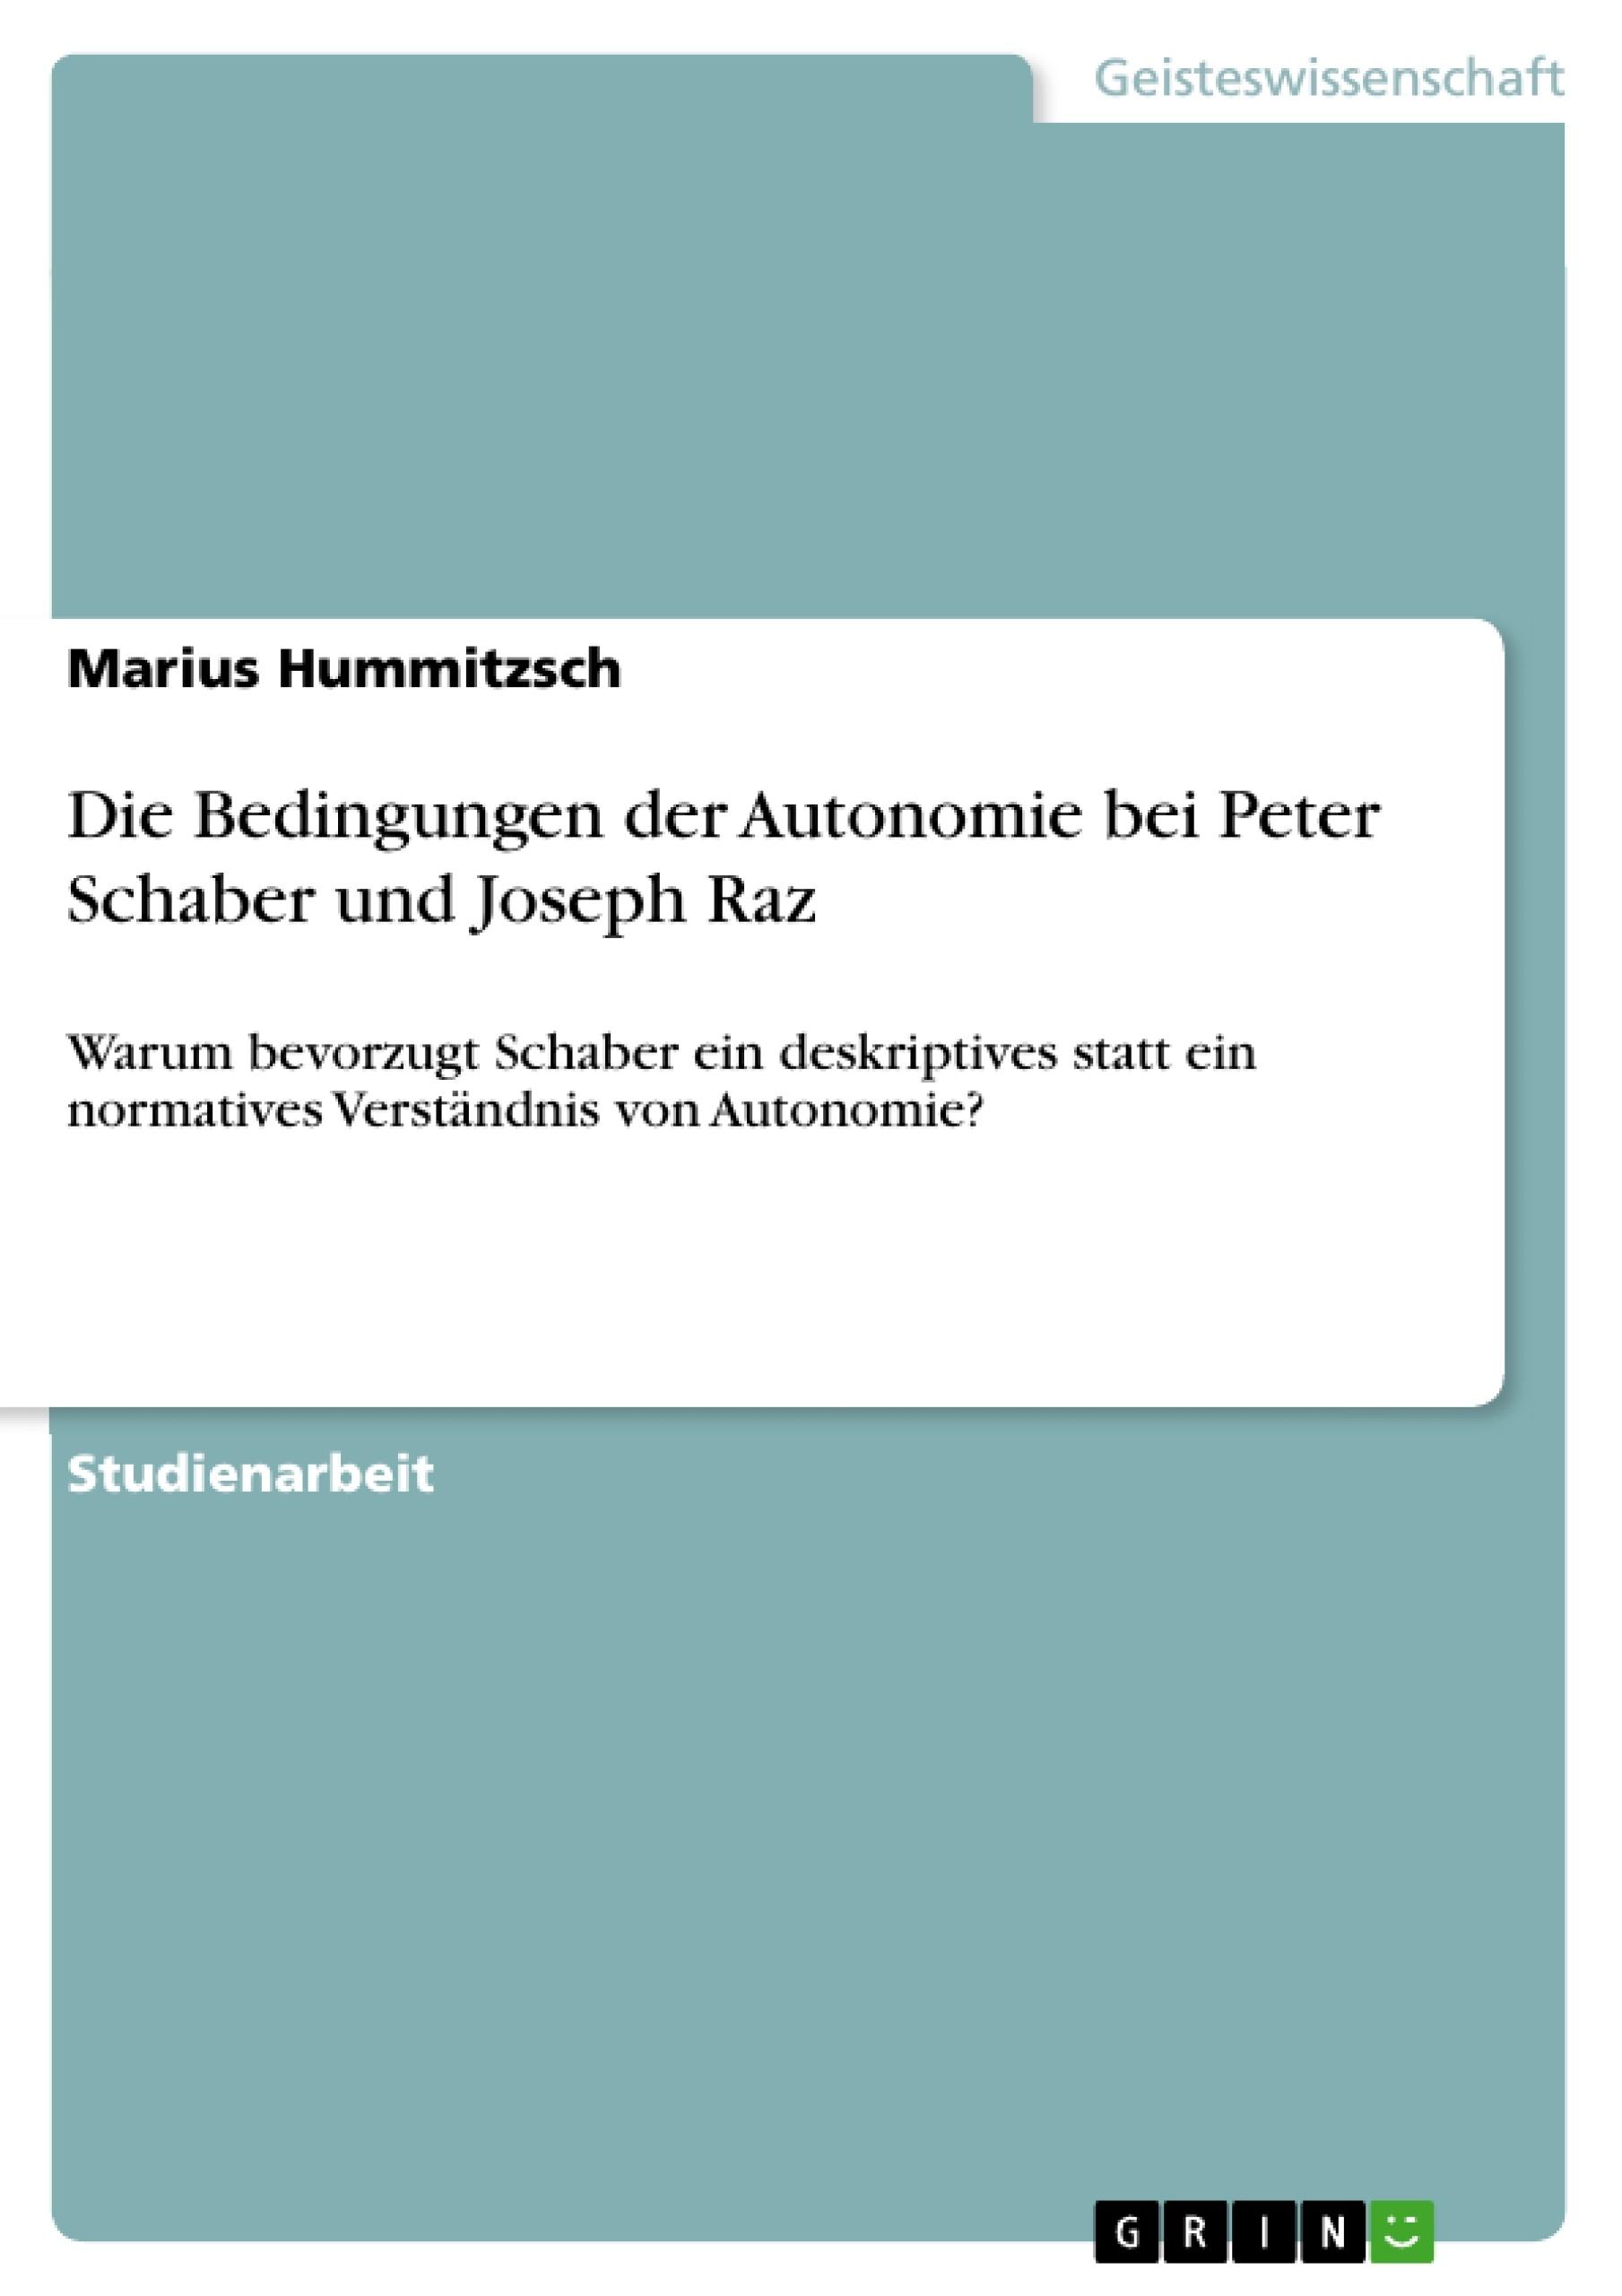 Titel: Die Bedingungen der Autonomie bei Peter Schaber und Joseph Raz